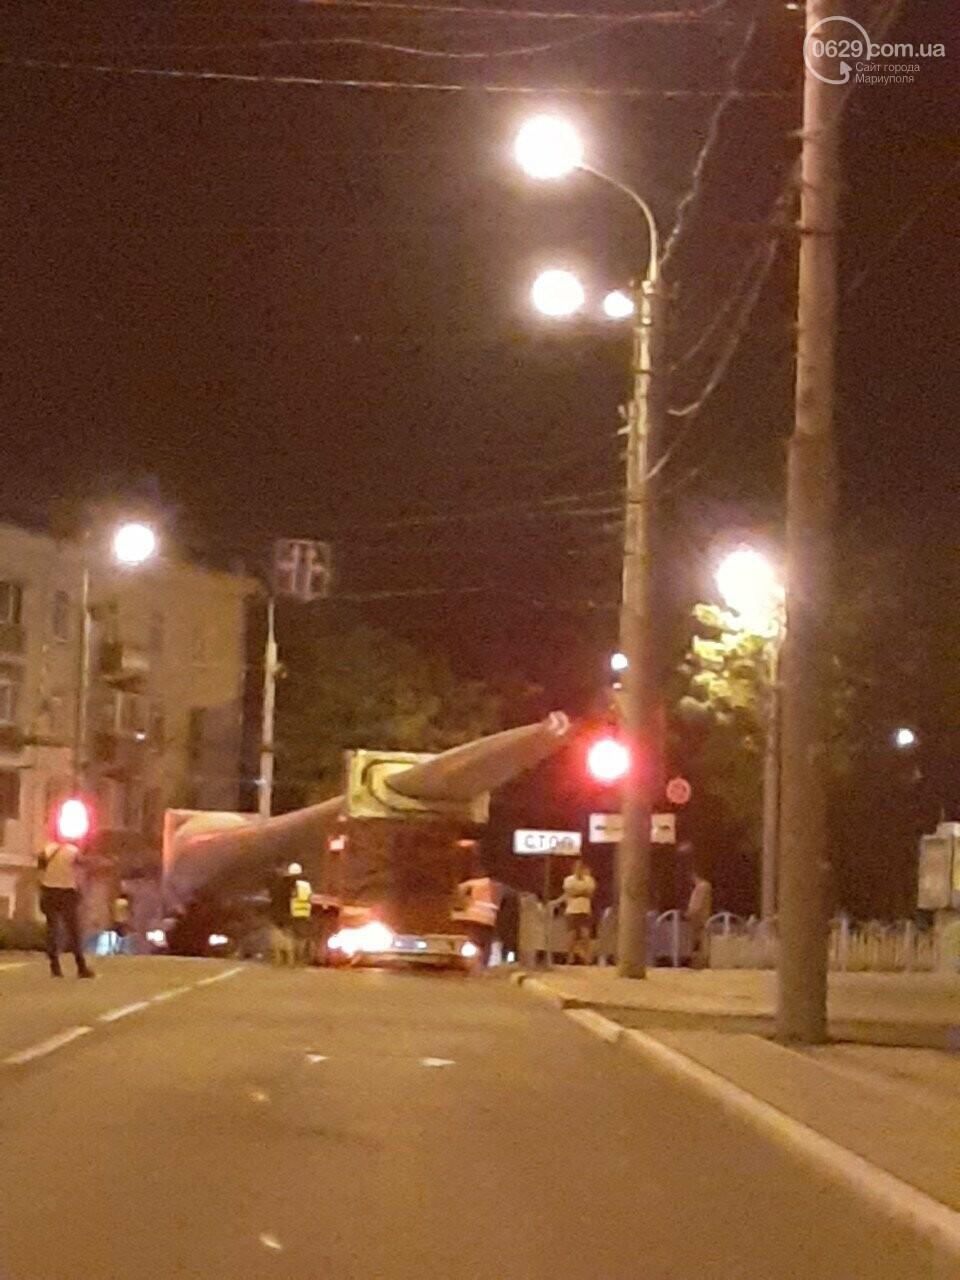 В центре Мариуполя застрял  длинномер, перевозивший лопасть  ветряка,-  Дополнено, ФОТО, ВИДЕО, фото-1